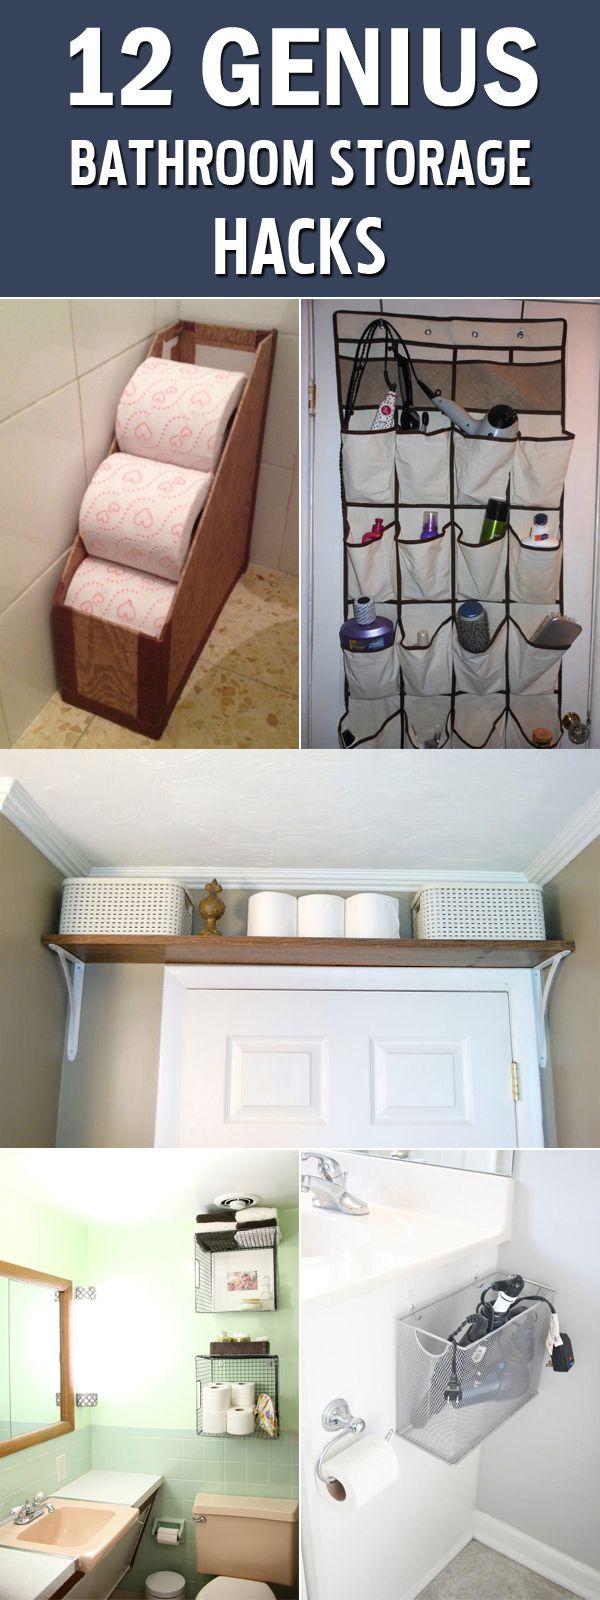 12 Genius Bathroom Storage Hacks   Baño, Muebles de la india y Baños